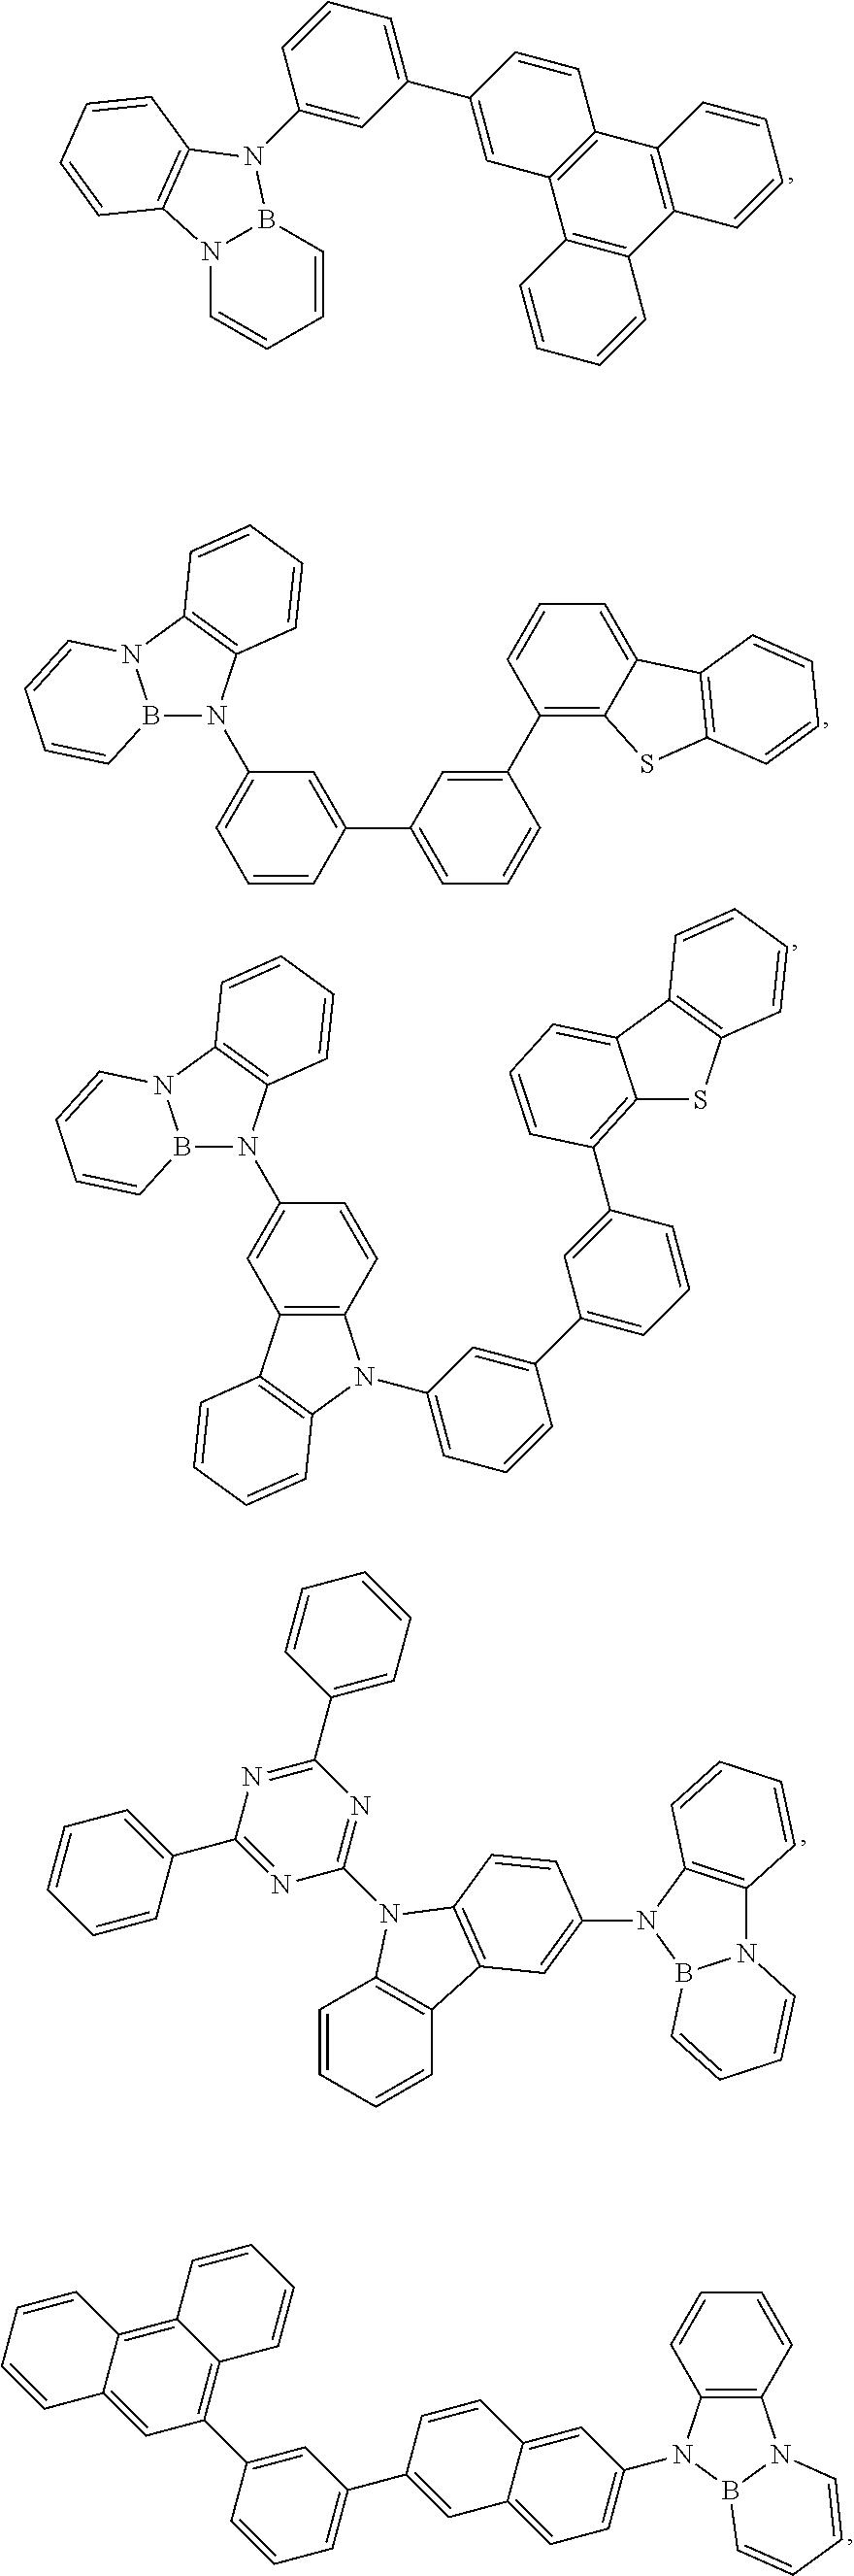 Figure US09287513-20160315-C00044